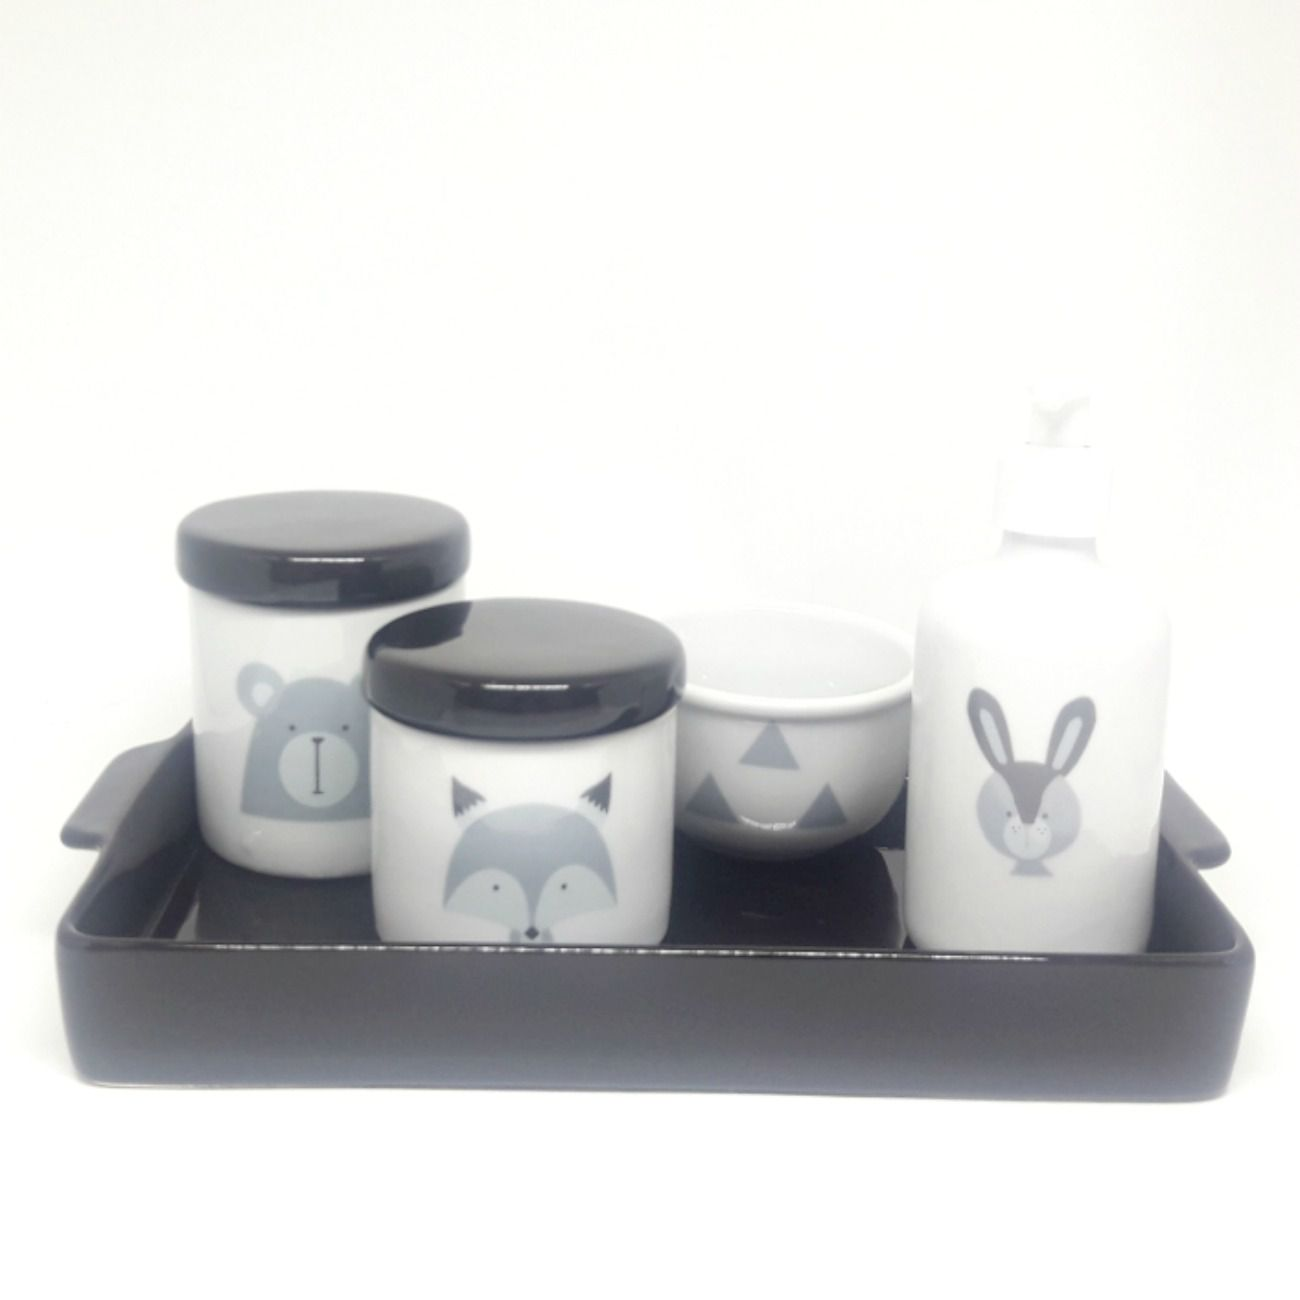 Kit Higiene Bebê Porcelana Escandinavo |Urso e Raposa & Coelho| Tampas e Bandeja Preta